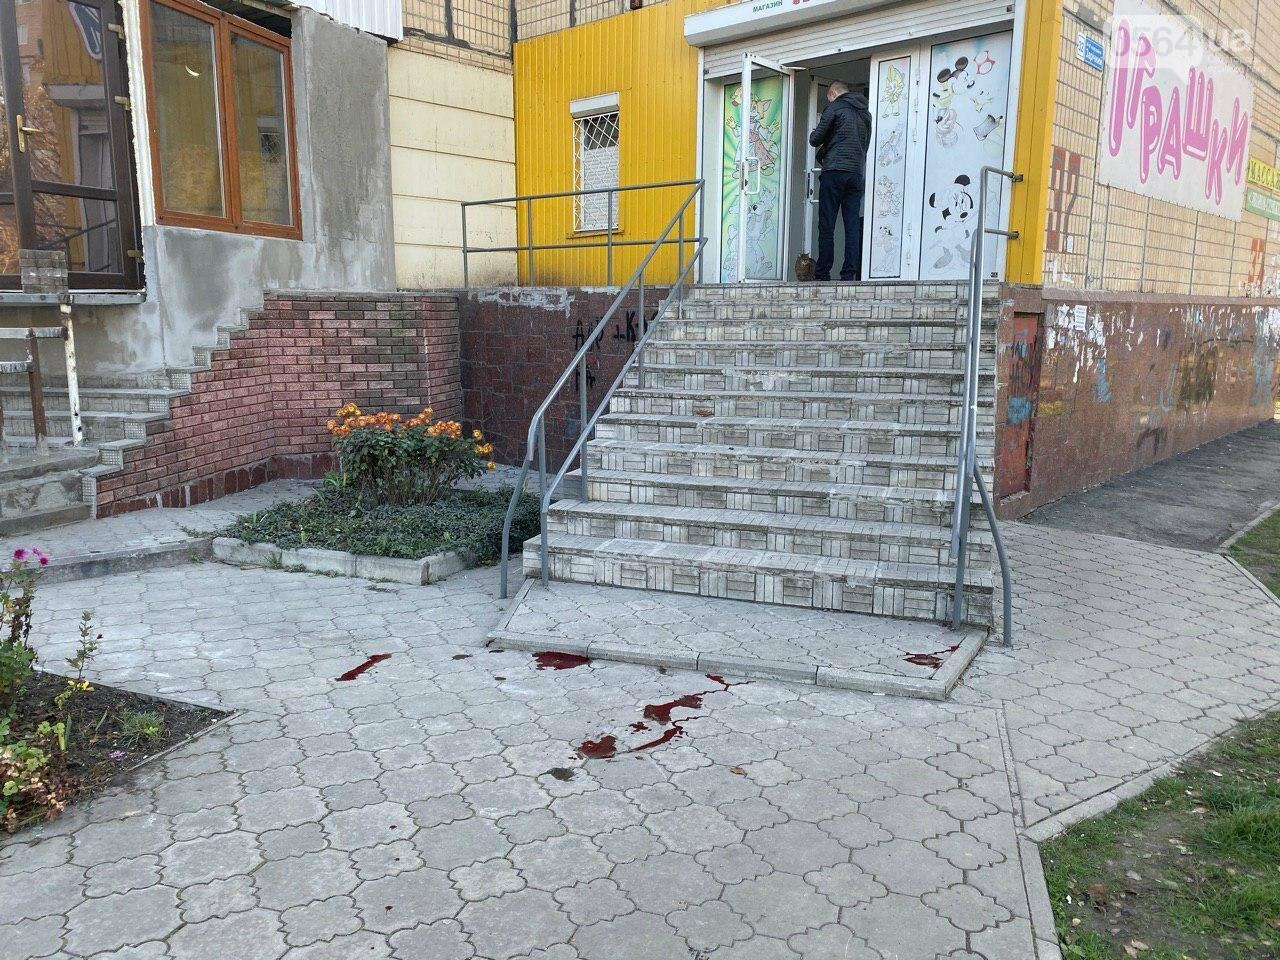 В Кривом Роге из окна 11 этажа выпал мужчина, - ФОТО 18+, фото-5